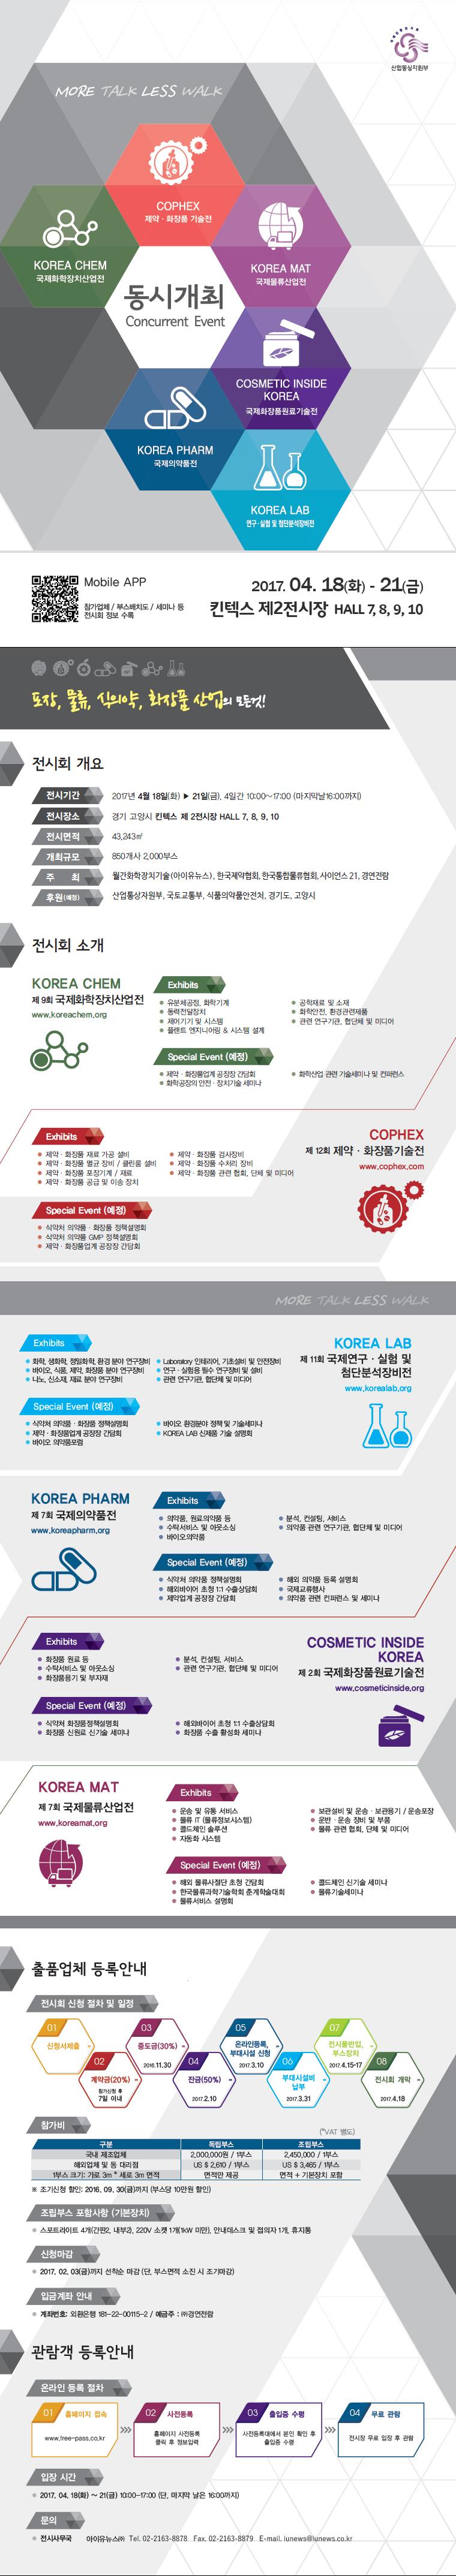 korea_chem.jpg